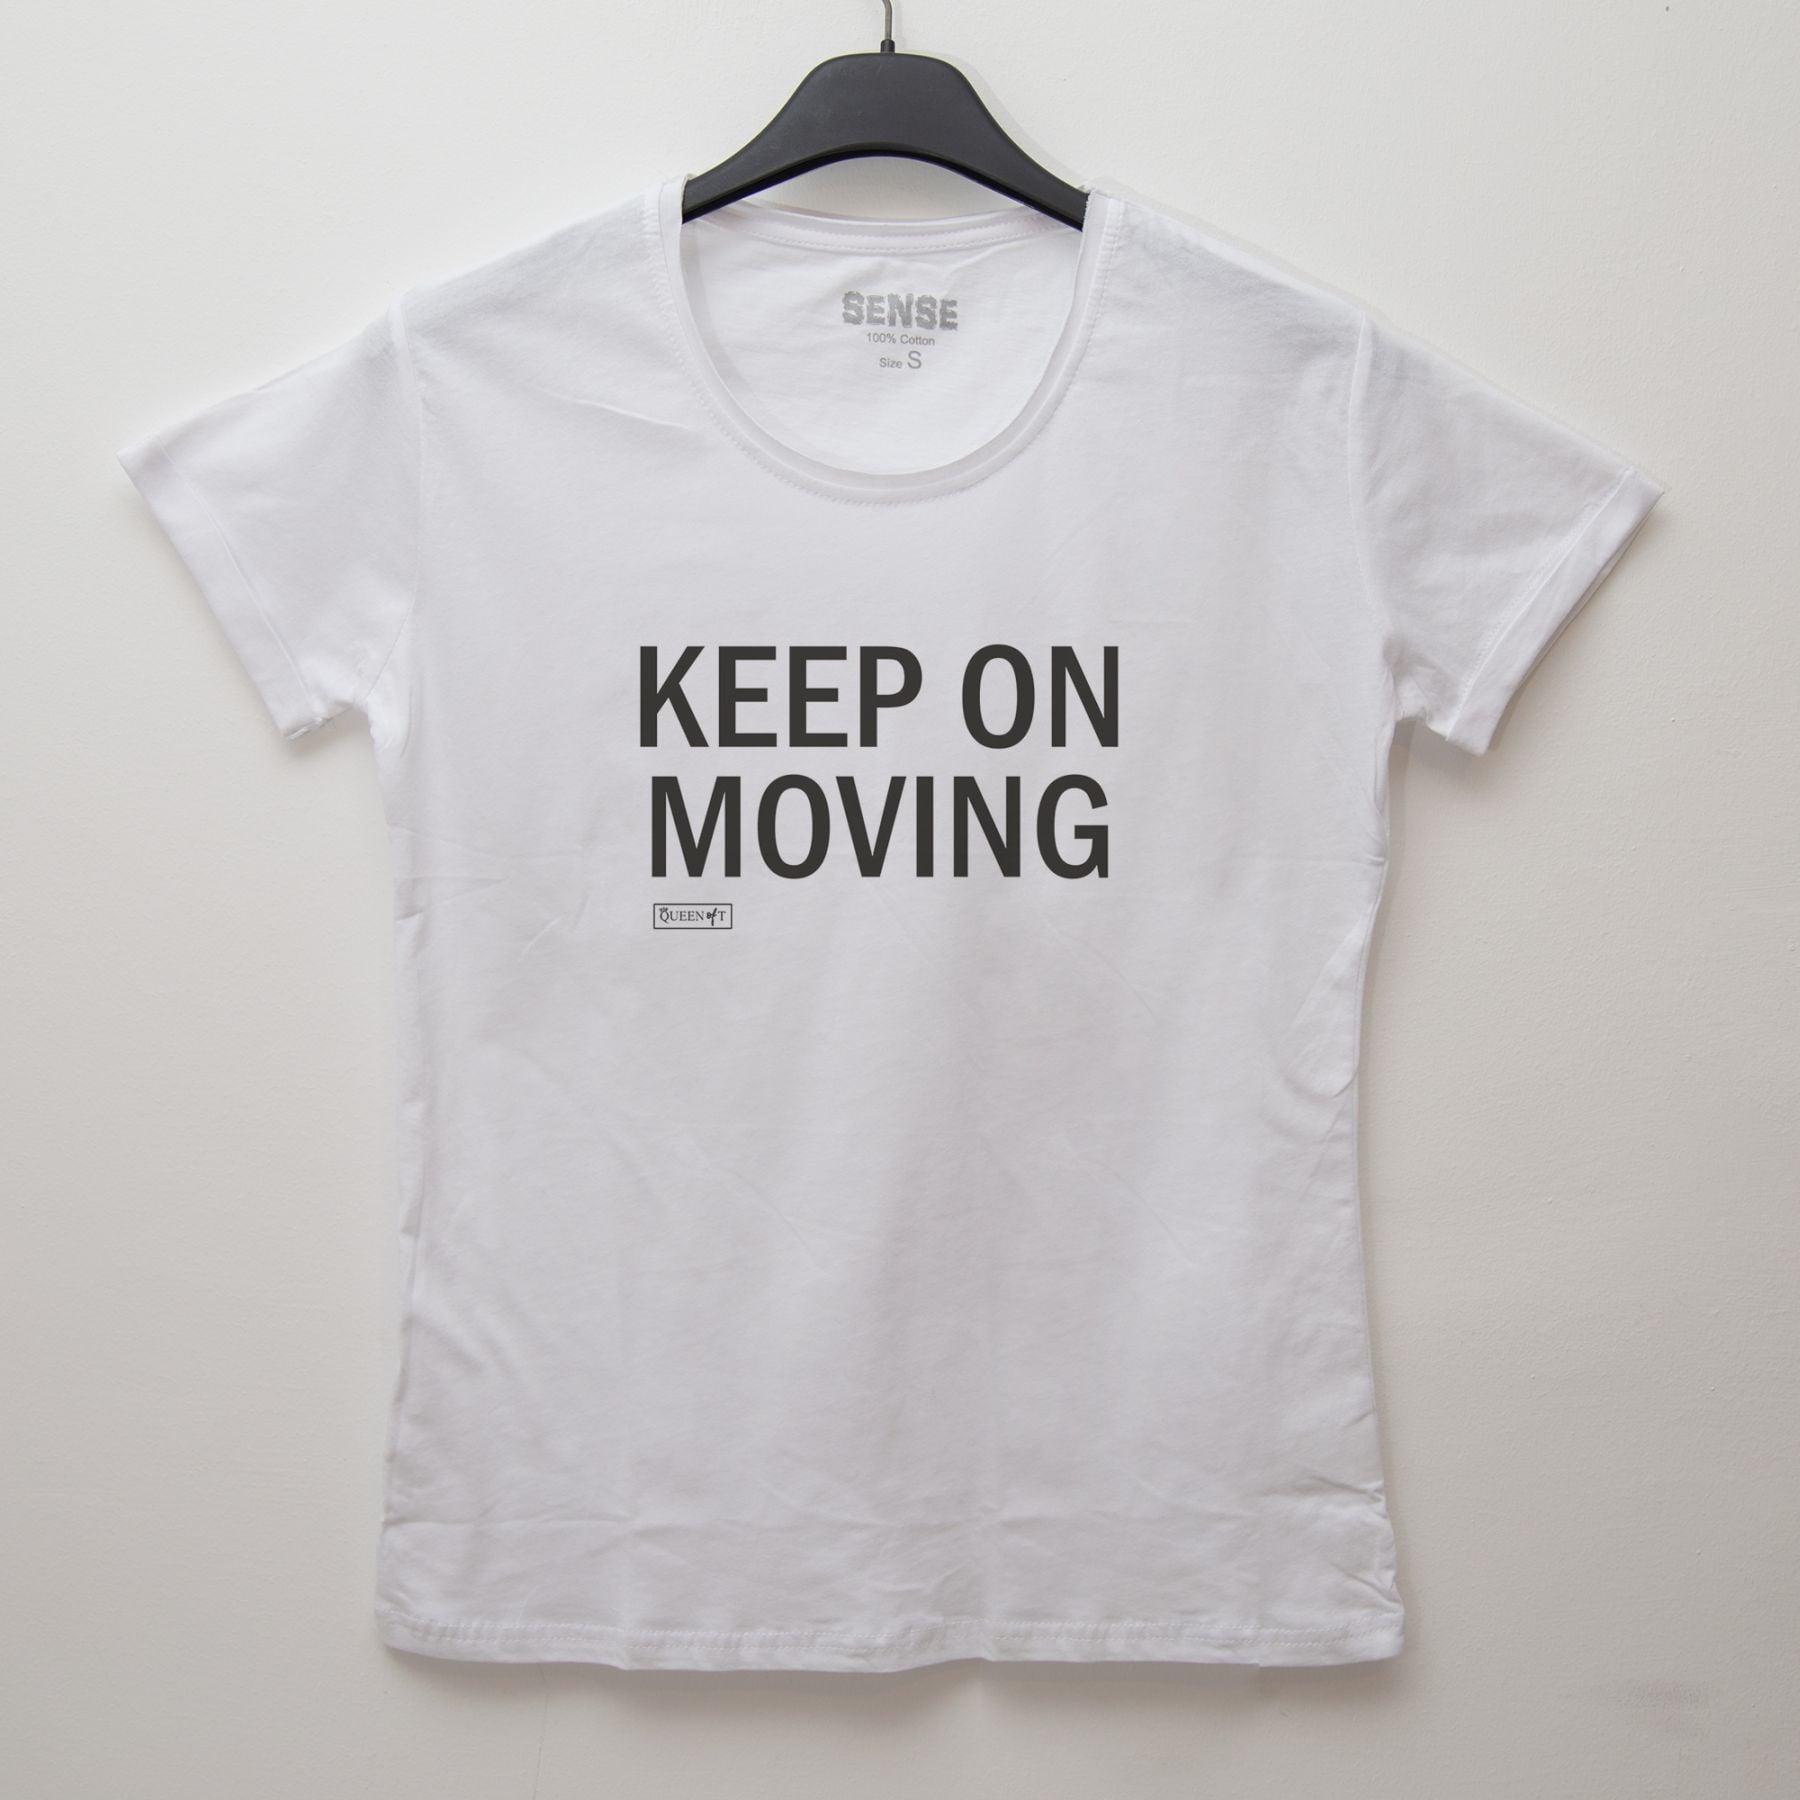 KEEP ON MOVING - Tshirt